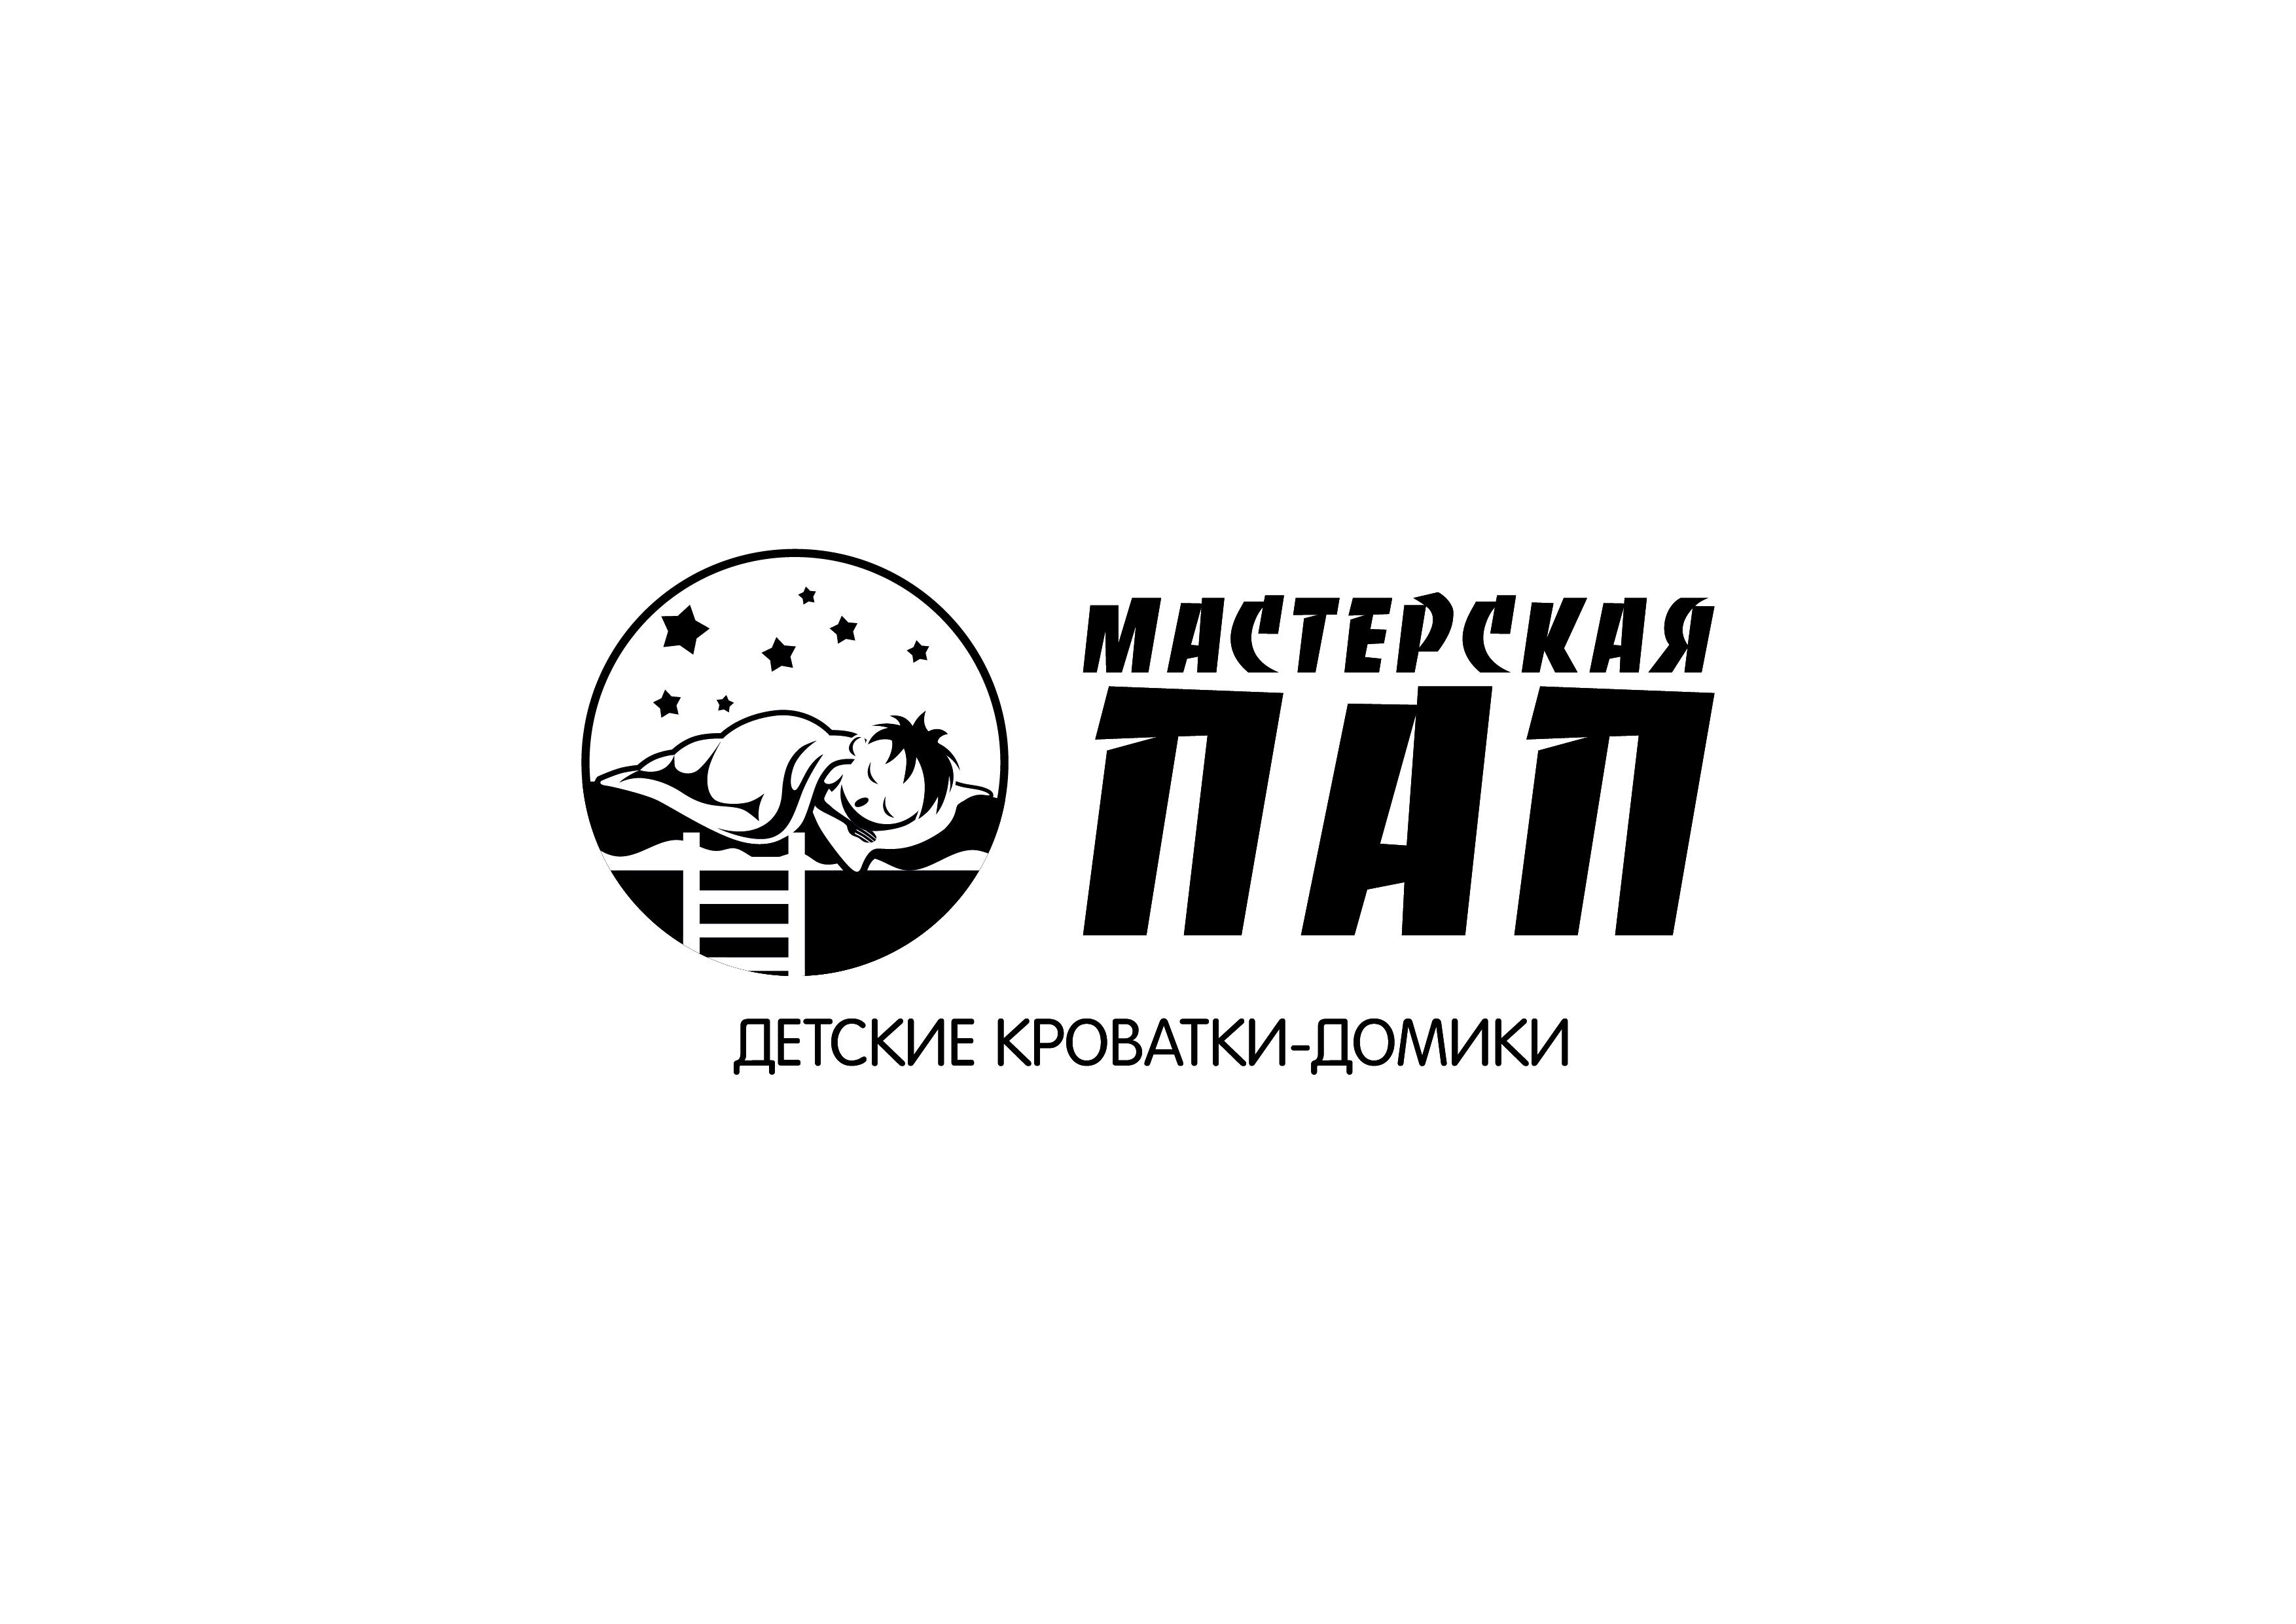 Разработка логотипа  фото f_1015aad0137997b2.jpg